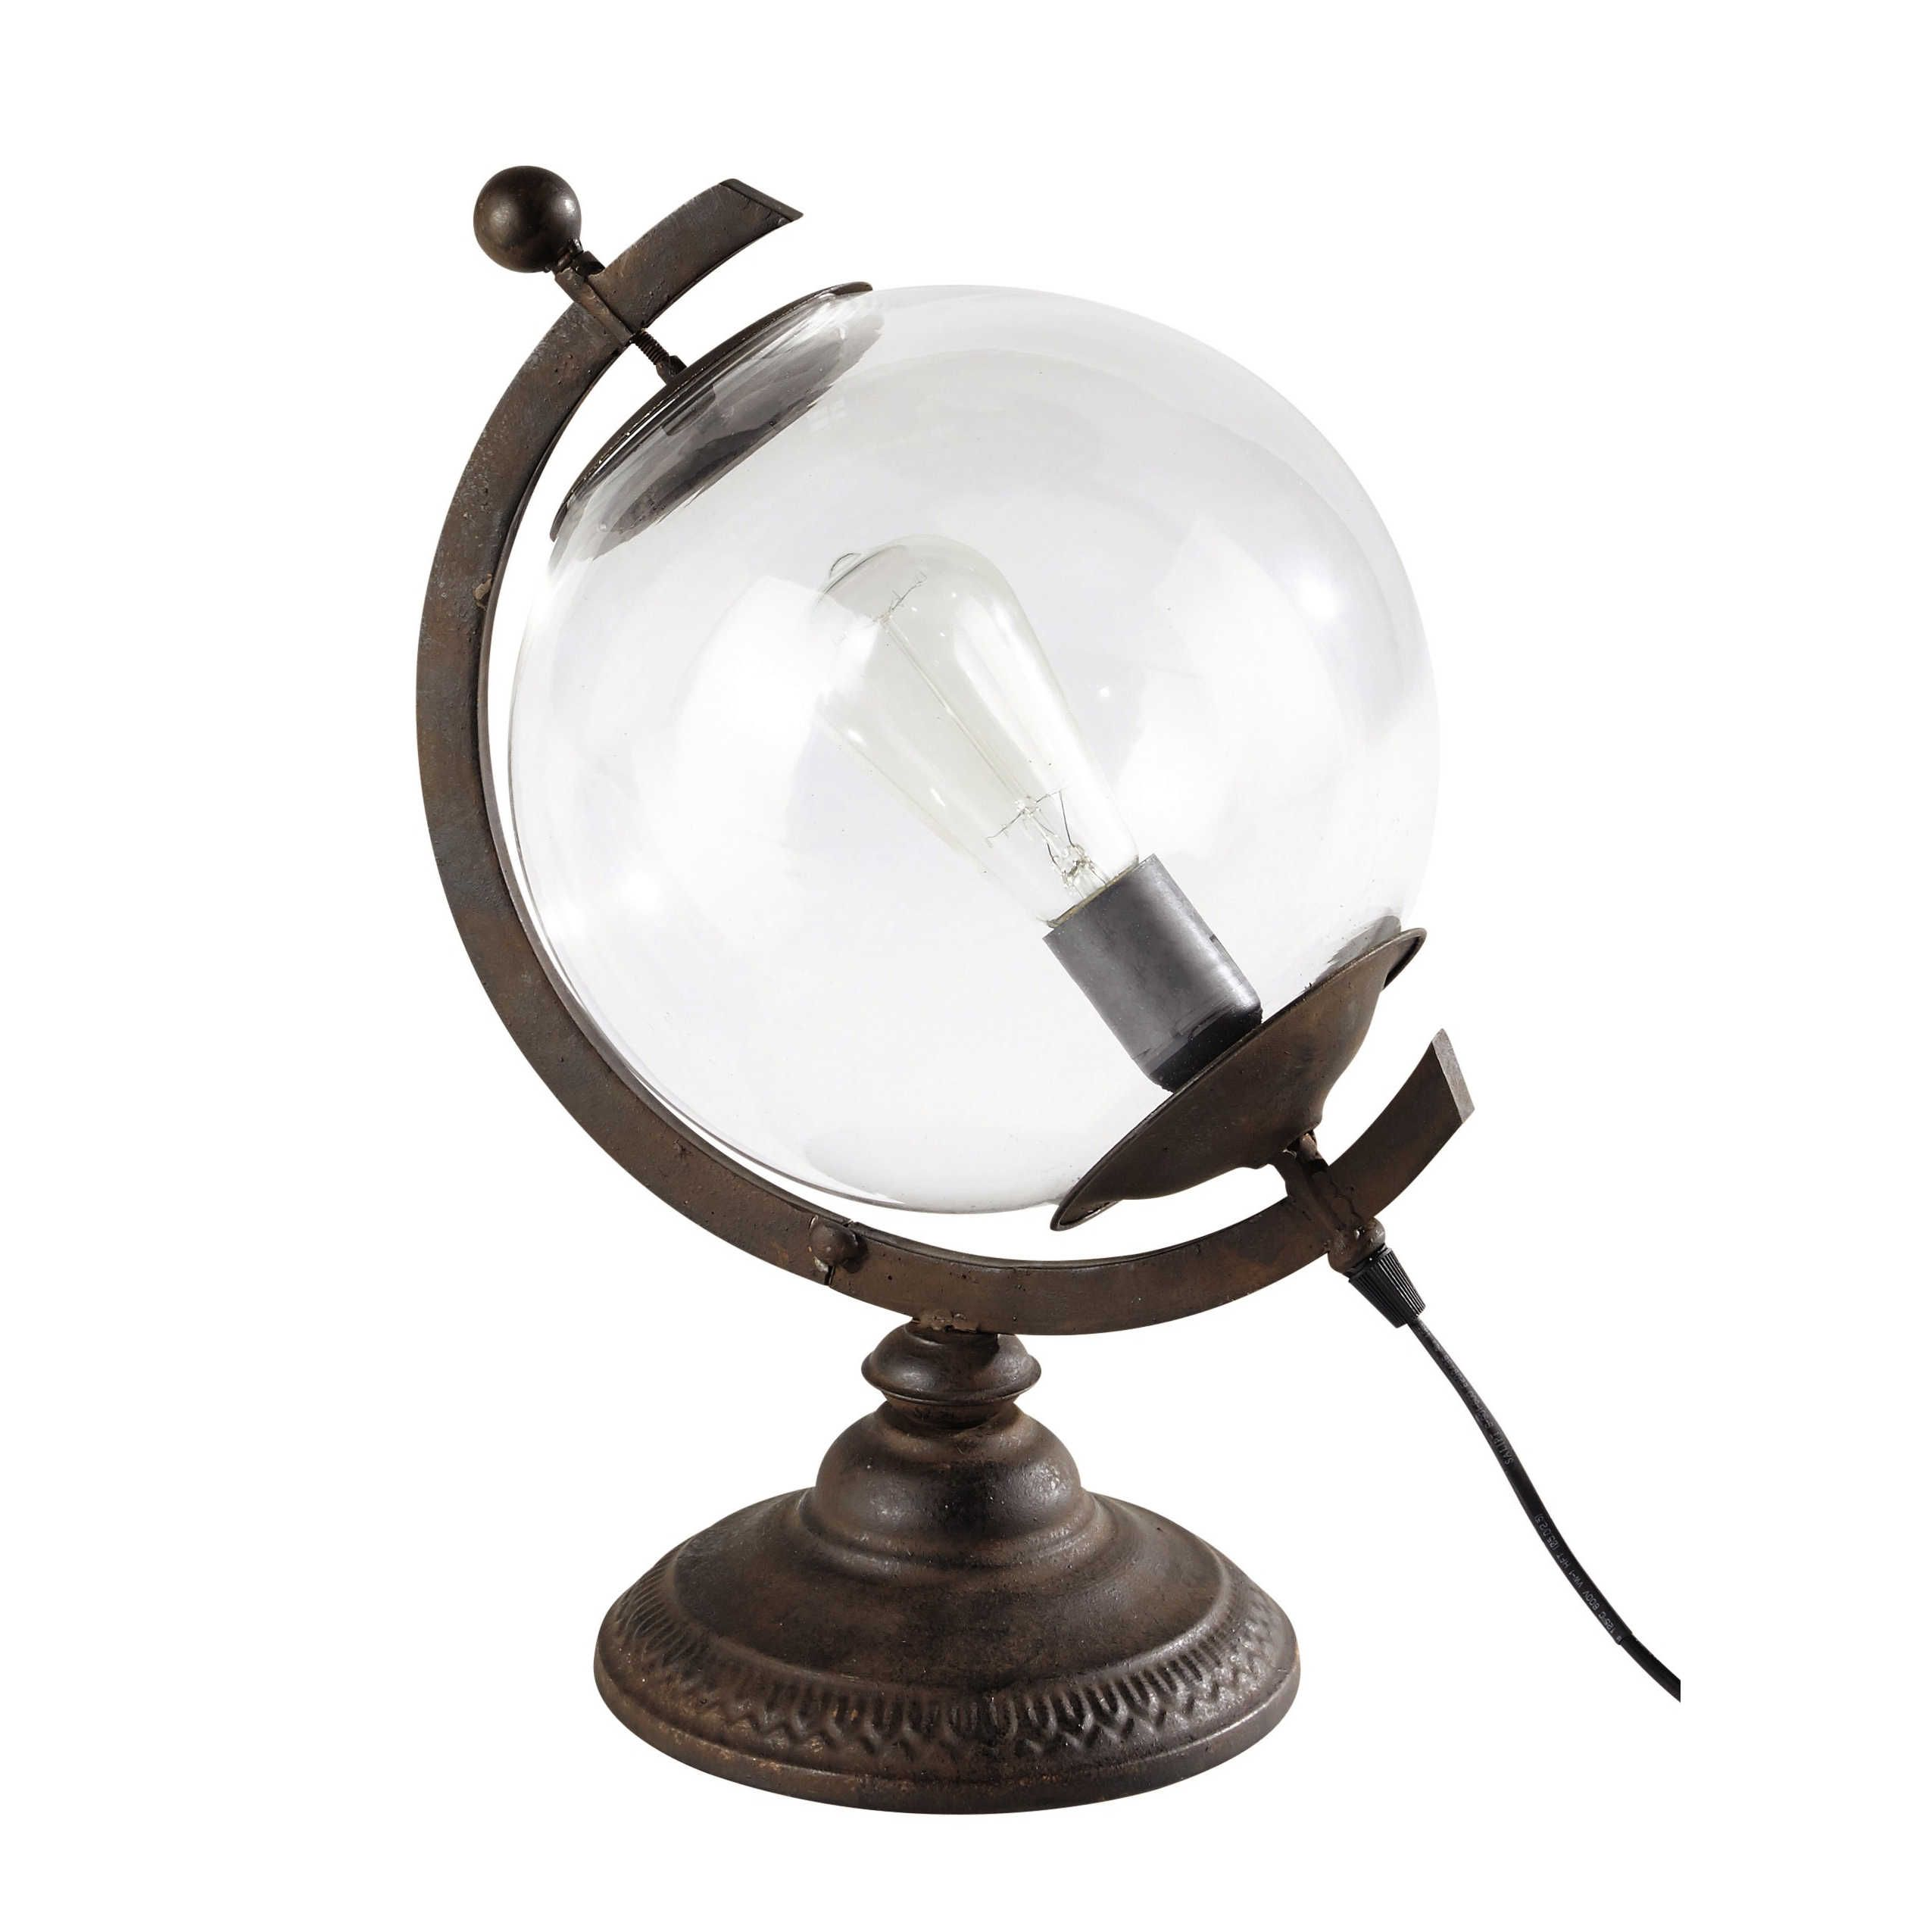 luminaires id es pour asni res lampe globe globe en verre und mobilier de salon. Black Bedroom Furniture Sets. Home Design Ideas